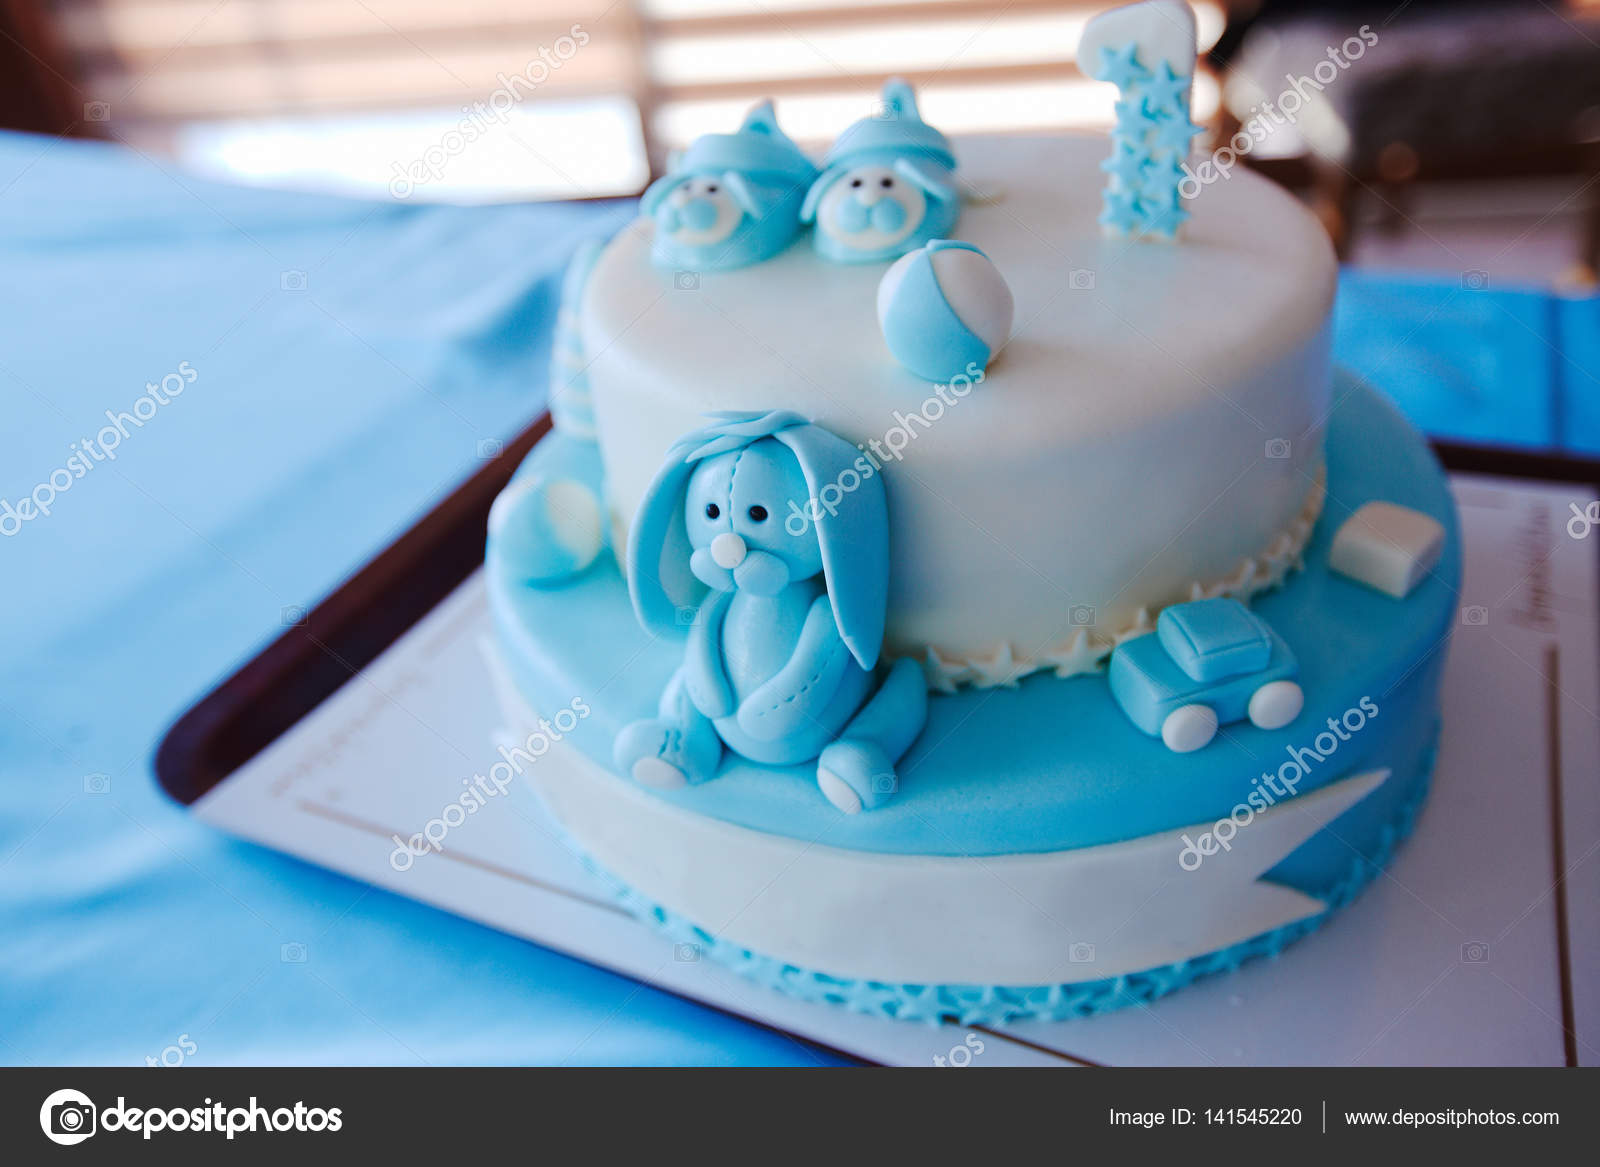 Excellent Birthday Cake For Boy 1 Year Old Birthday Cake For 1 Year Old Funny Birthday Cards Online Inifodamsfinfo